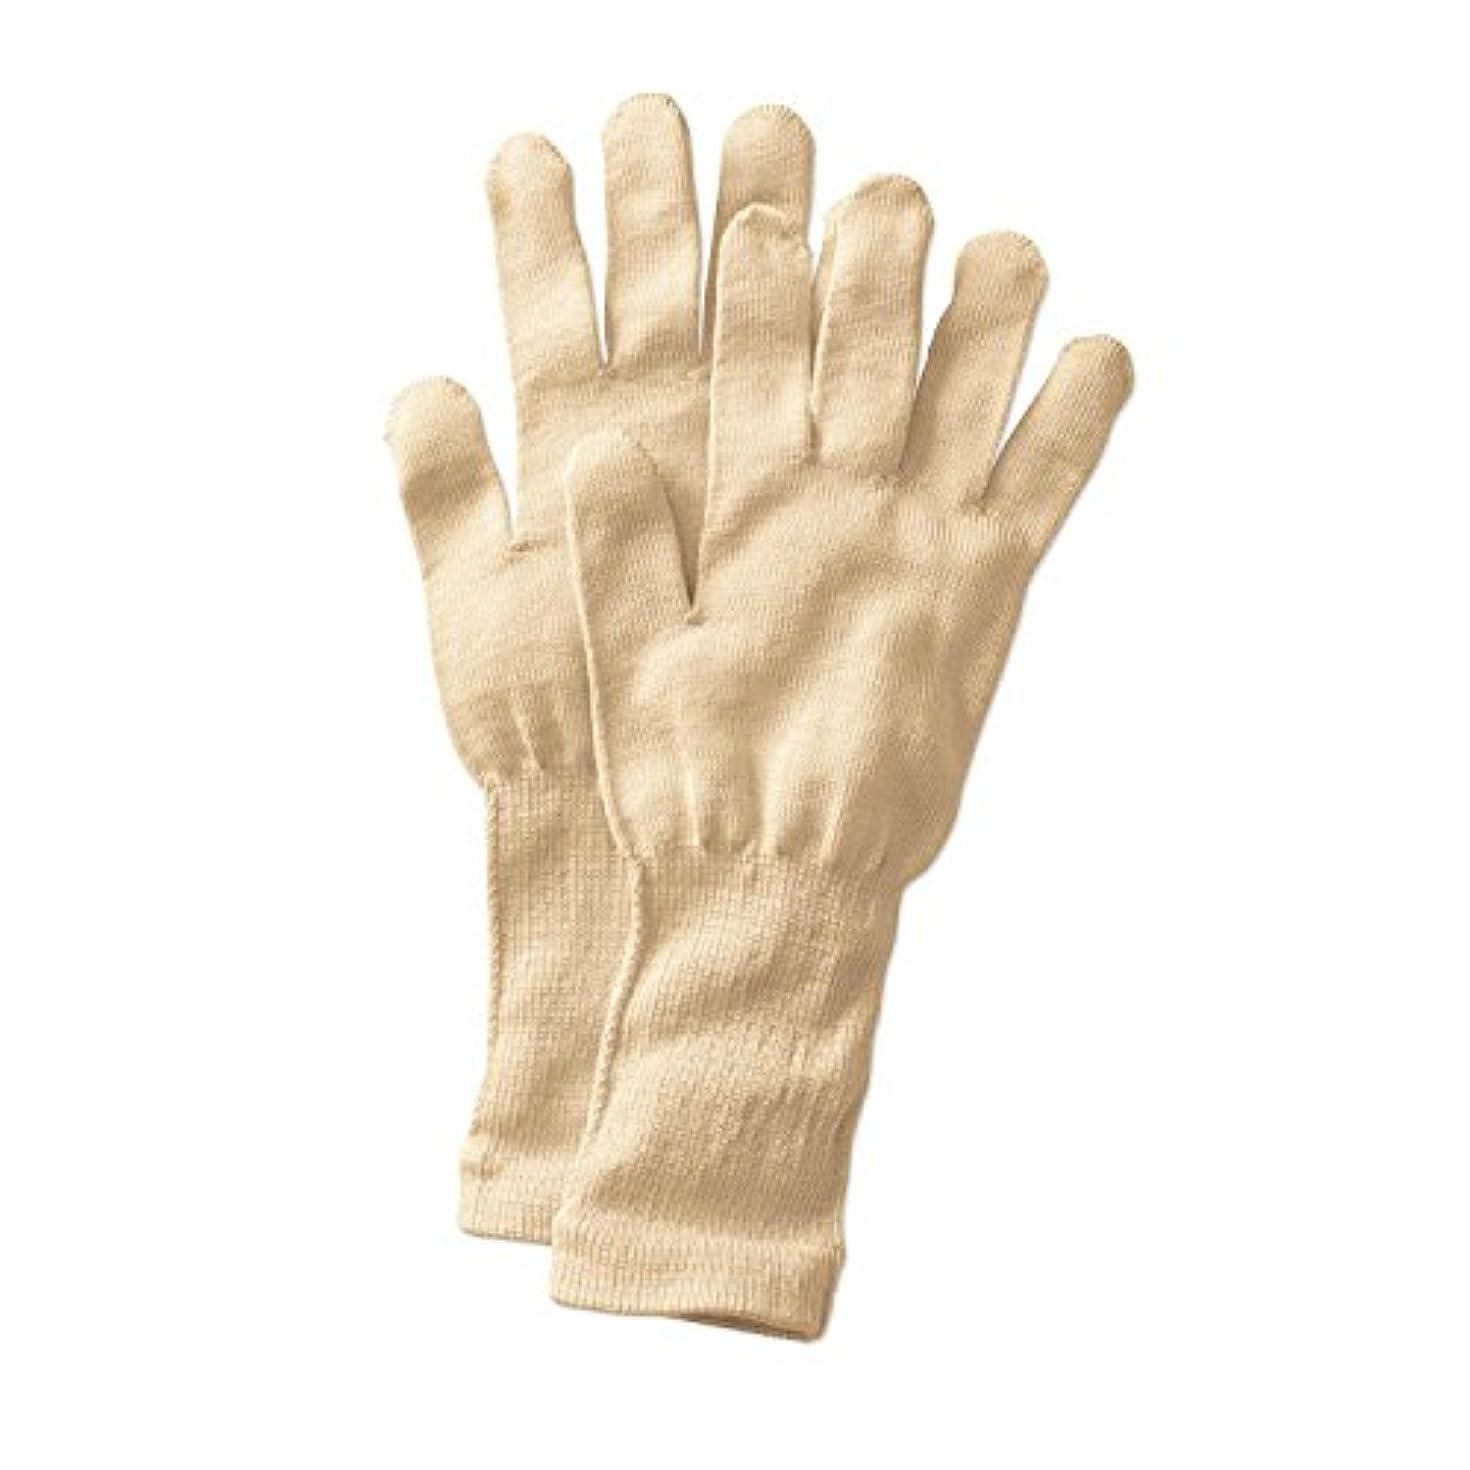 極めて監査レイアウト[ベルメゾン] 手袋 シルク 冷え取り おやすみ あったか /冷えとり日和365 クリーム